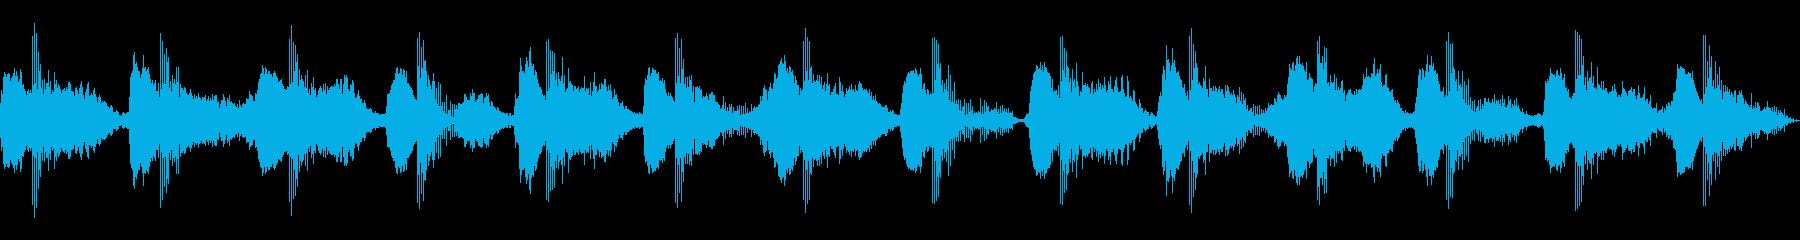 ヒーリングアンビエント_Aの再生済みの波形